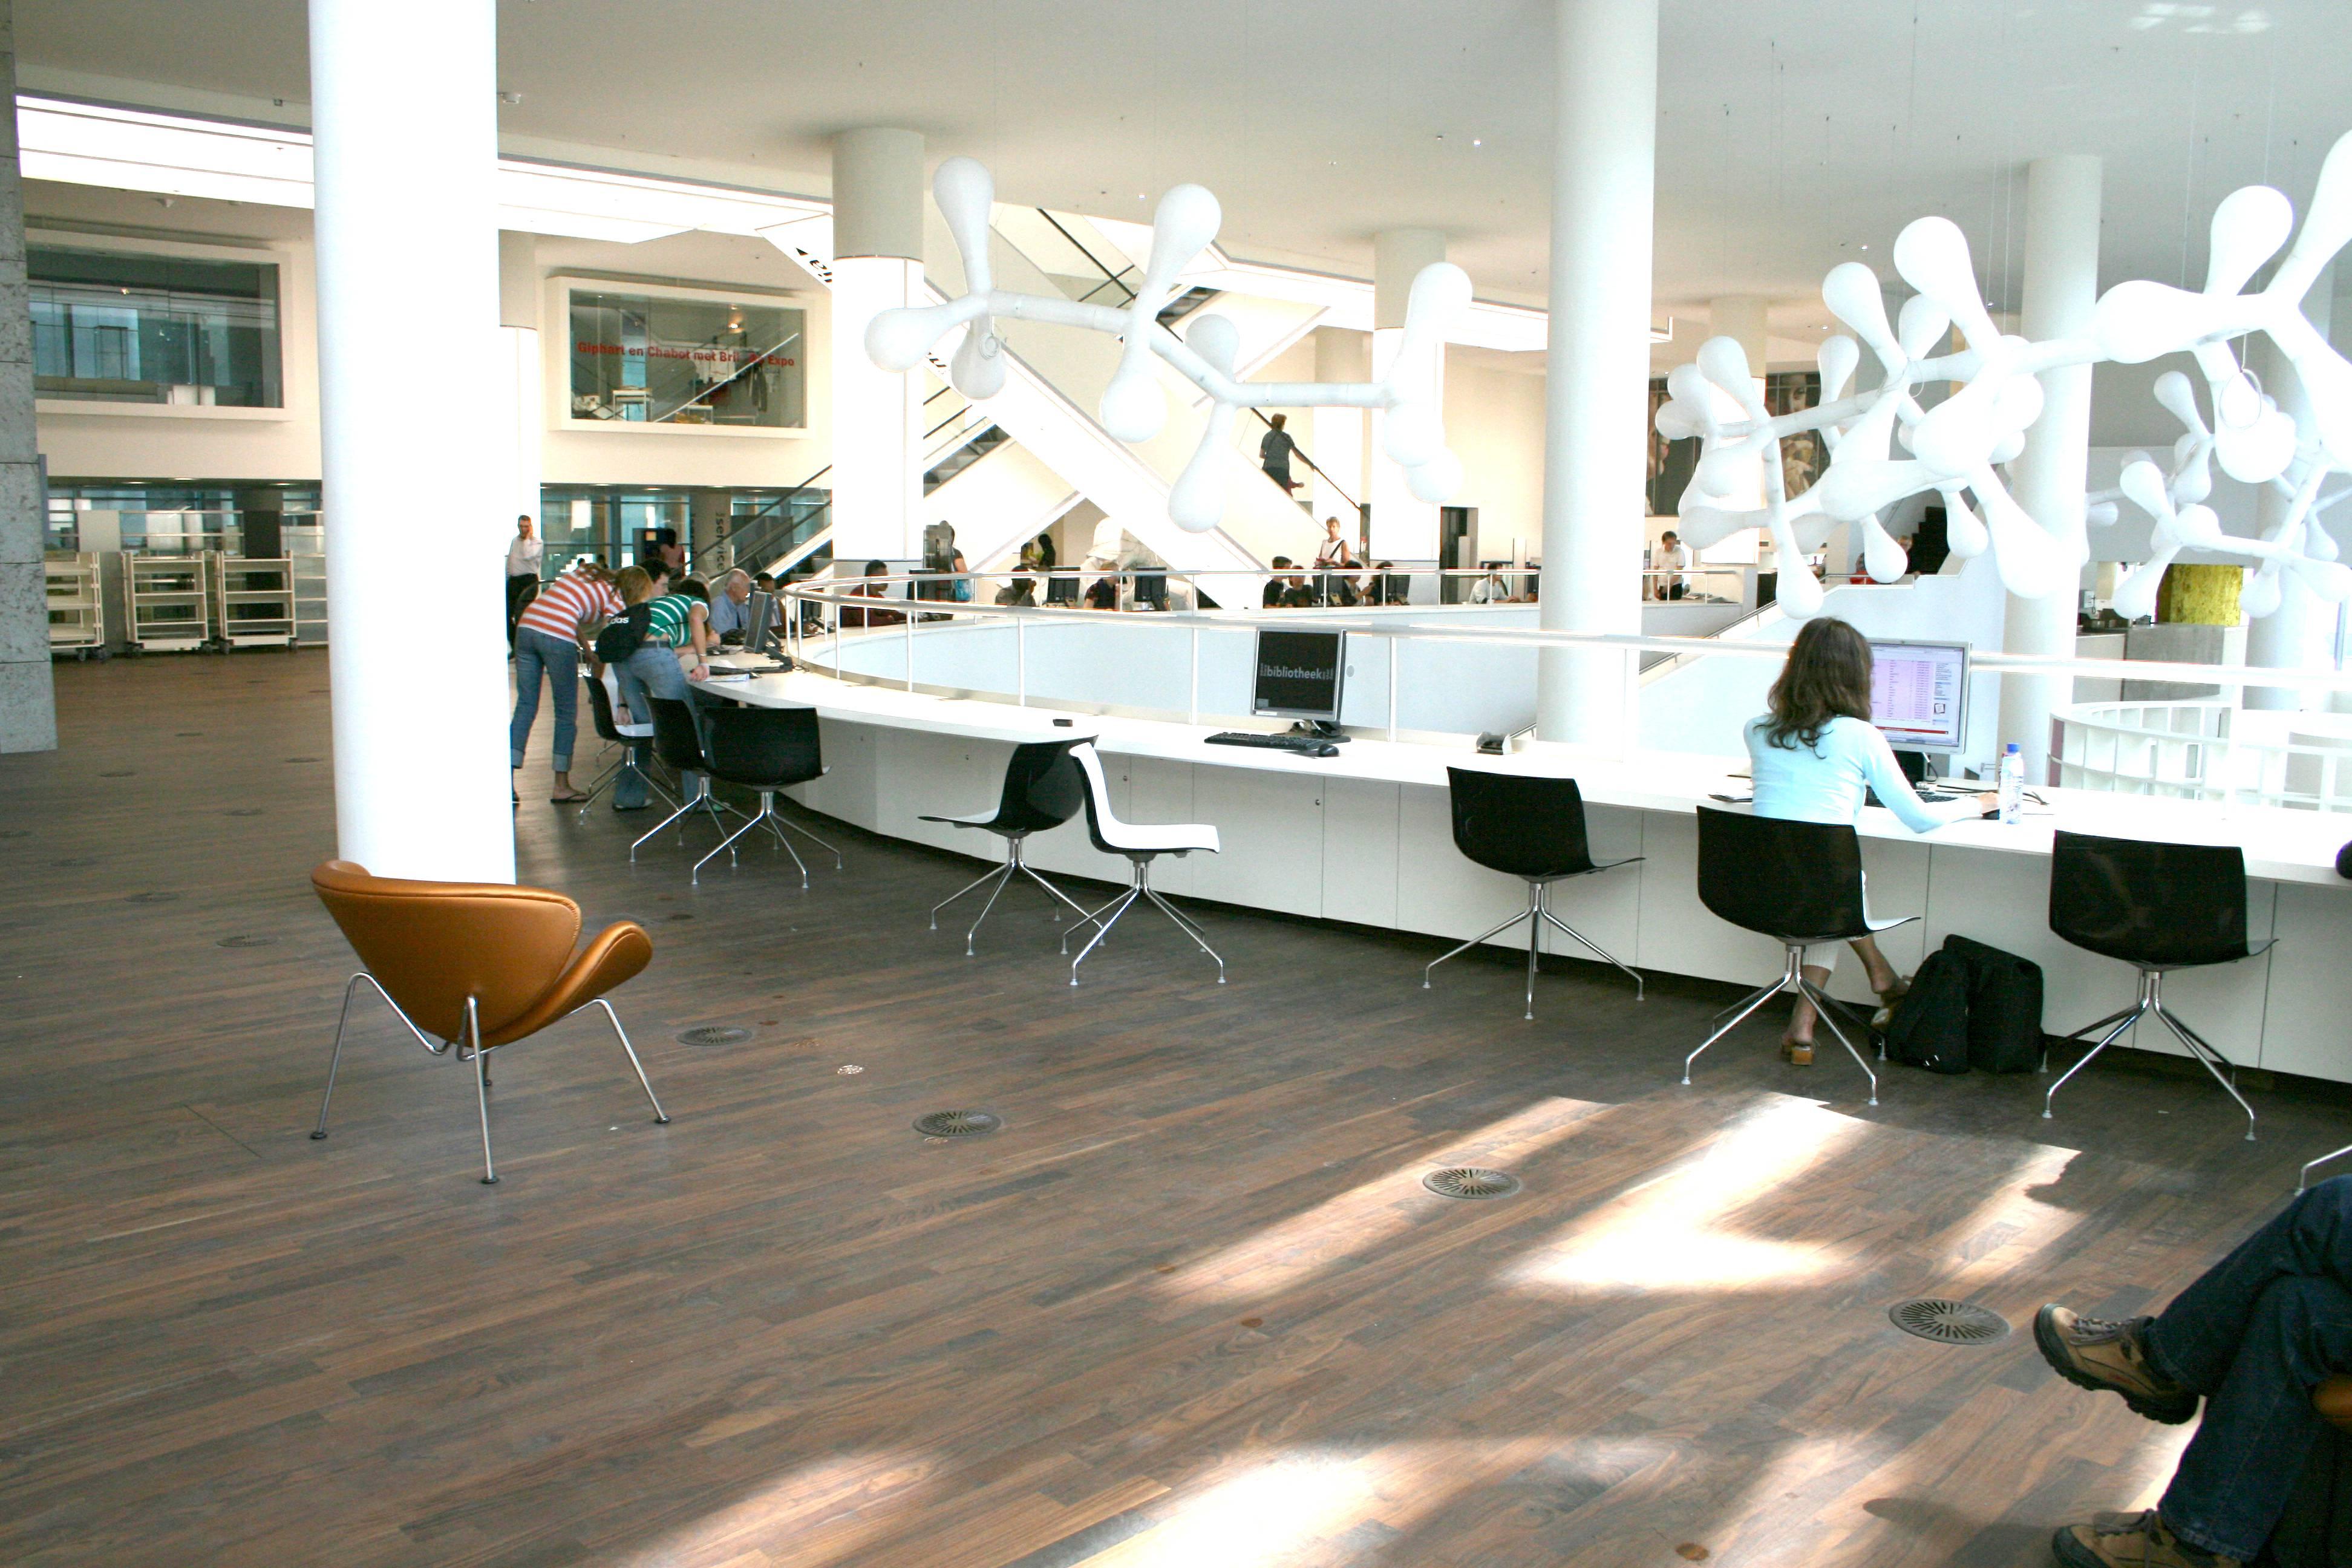 Peek bv openbare bibliotheek amsterdam - Interieur bibliotheek ...